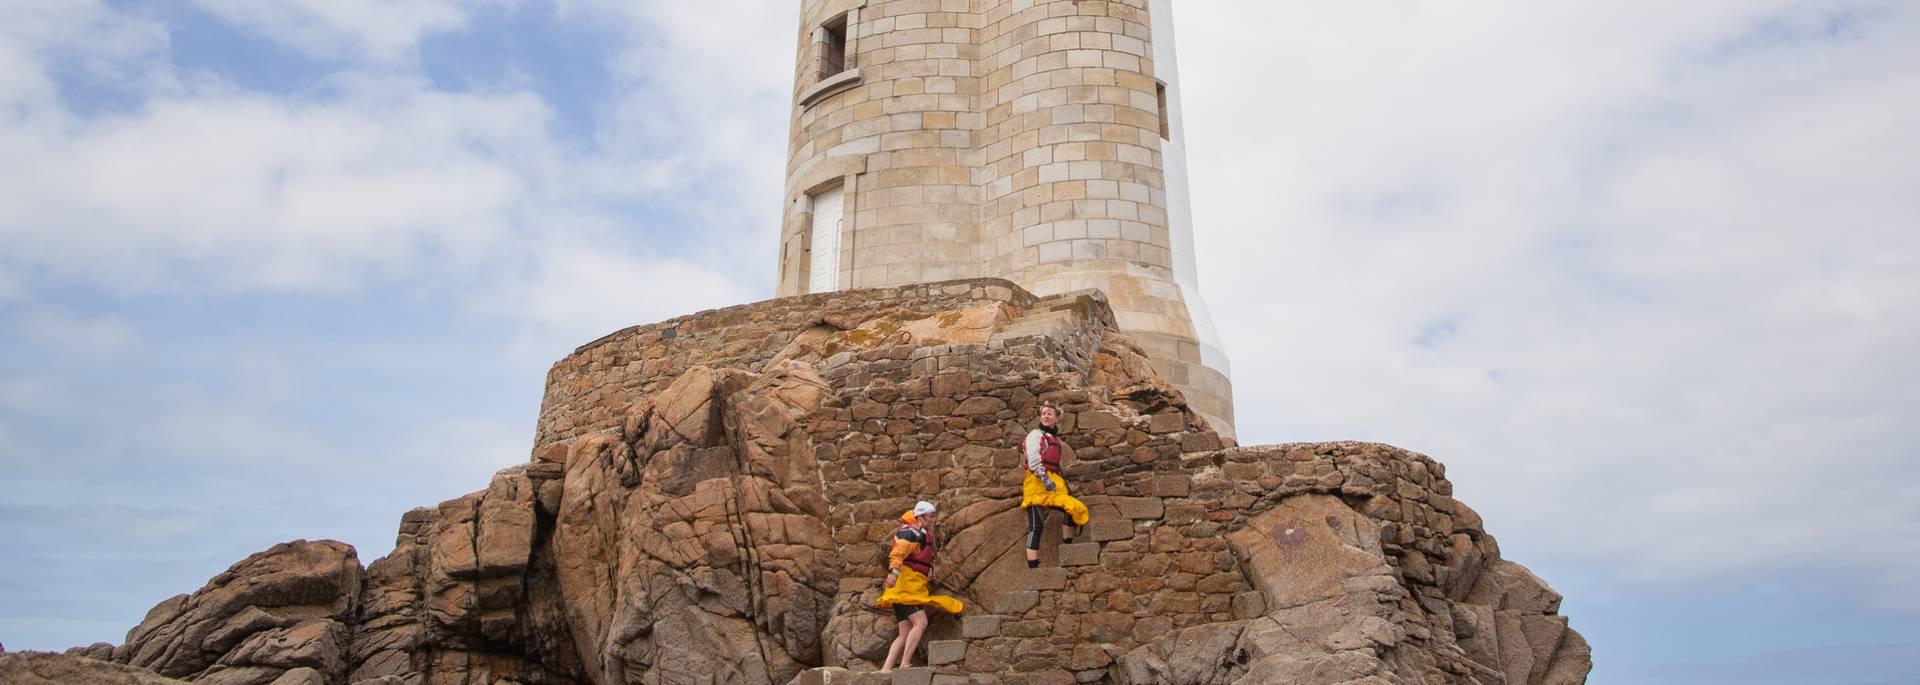 Ascension du Phare de la Croix dans l'archipel de Bréhat ©P. Torset